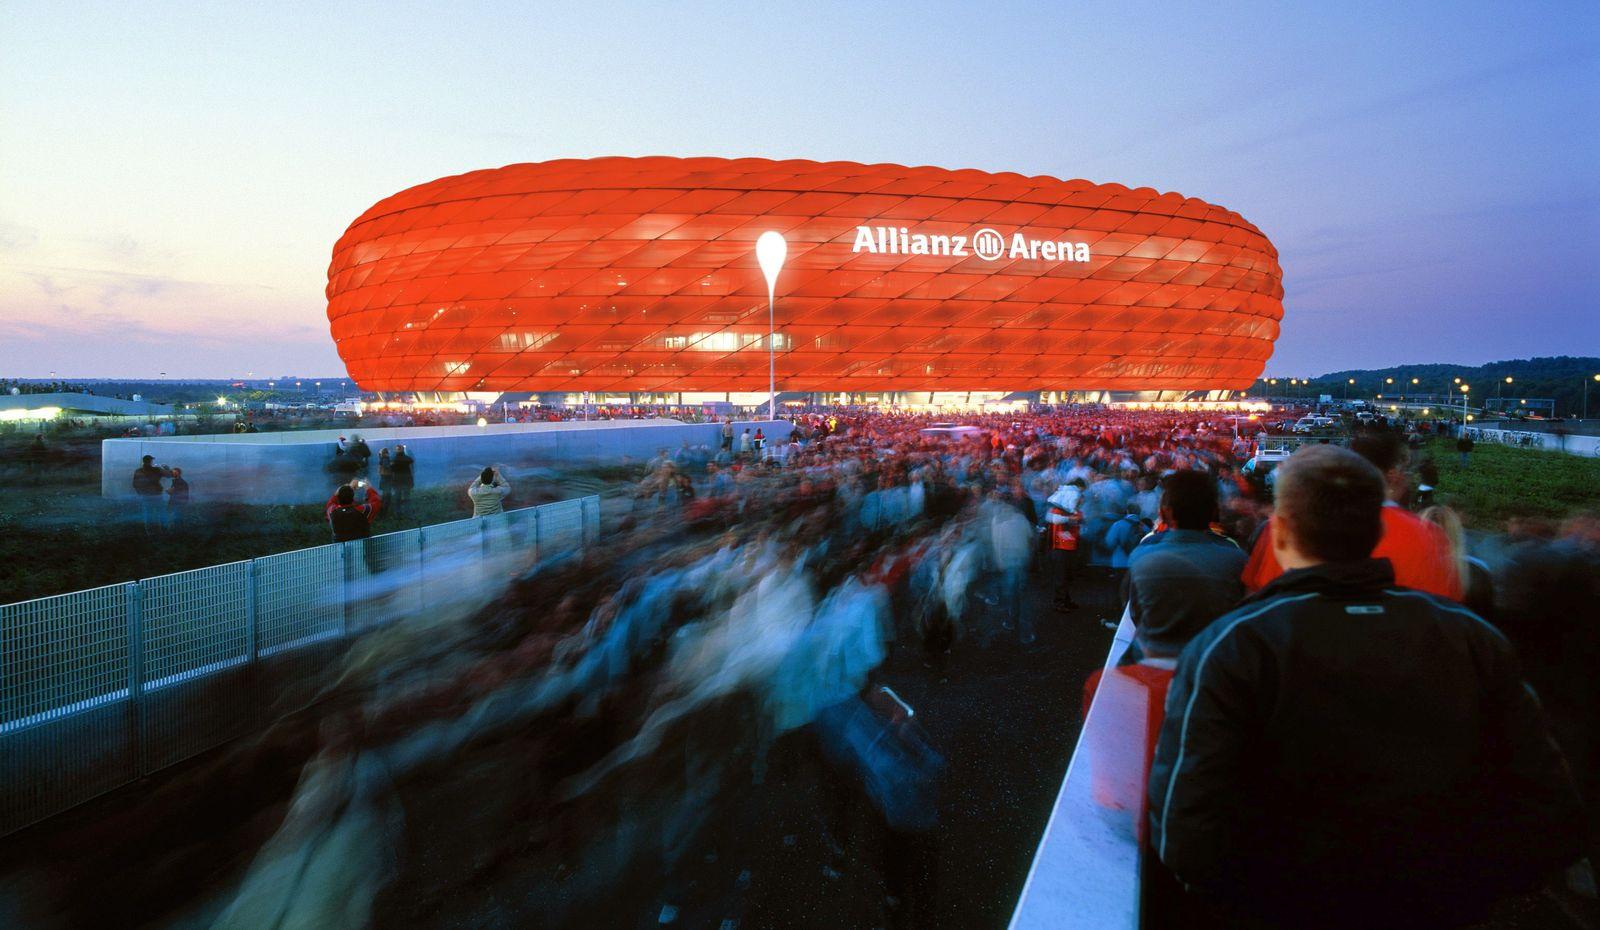 Schon 2,2 Millionen Besucher in der Allianz Arena